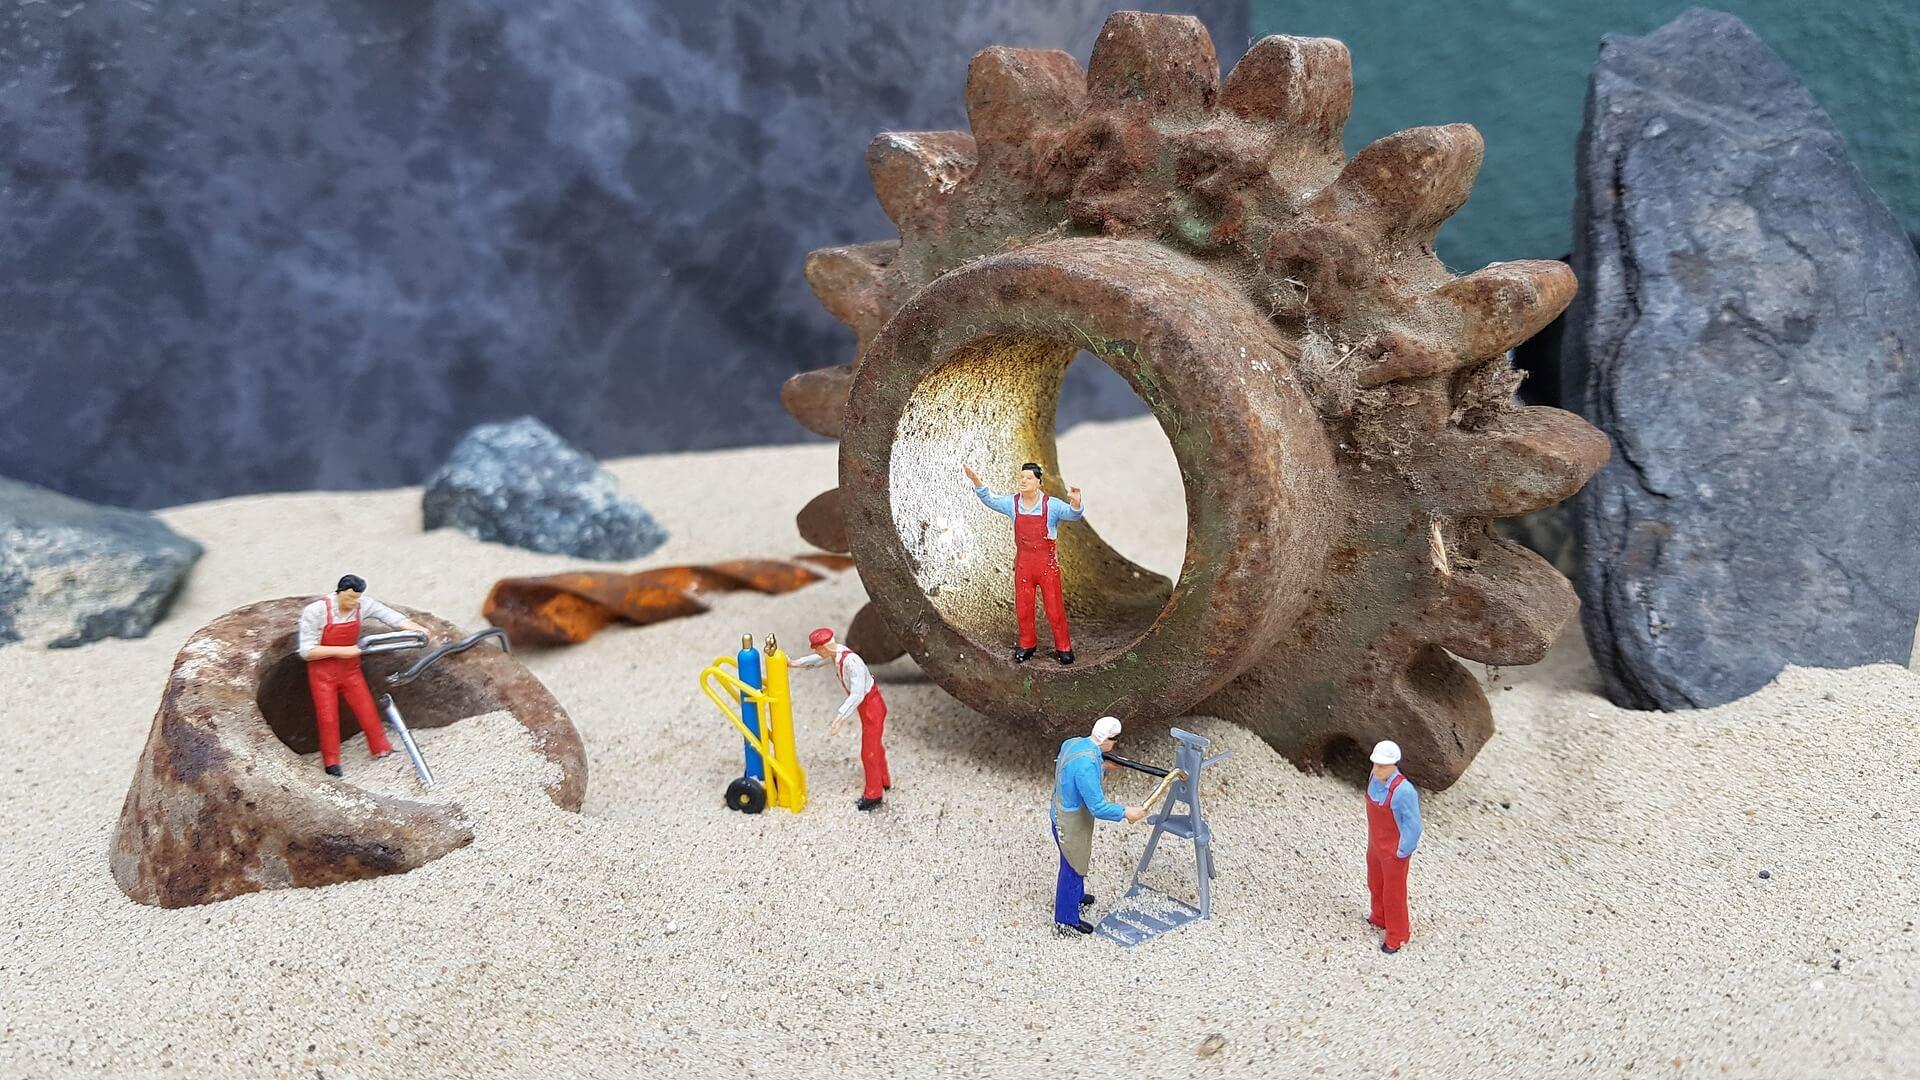 Statuette di plastica di operai, posizionati in uno scenario con sabbia e sassi.